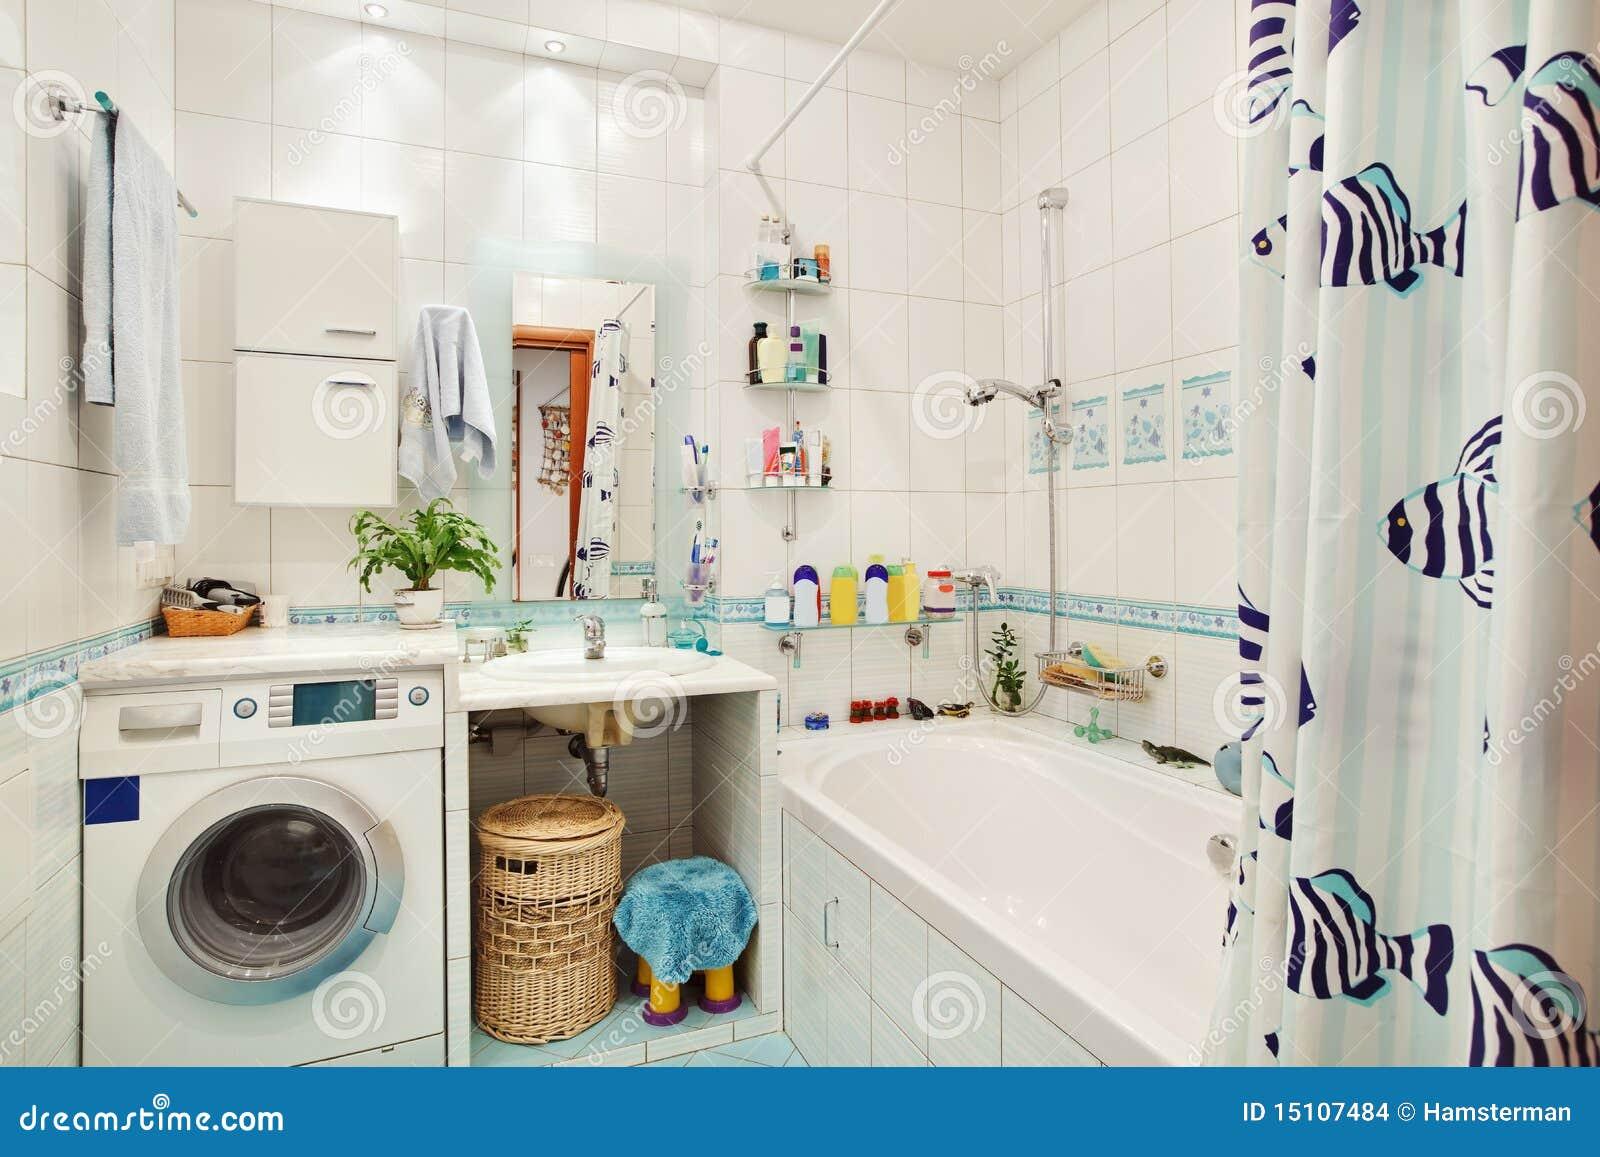 #437A86 Banheiro Pequeno Moderno No Azul Imagens de Stock Imagem: 15107484 1300x957 px Banheiro Pequeno Moderno 2277